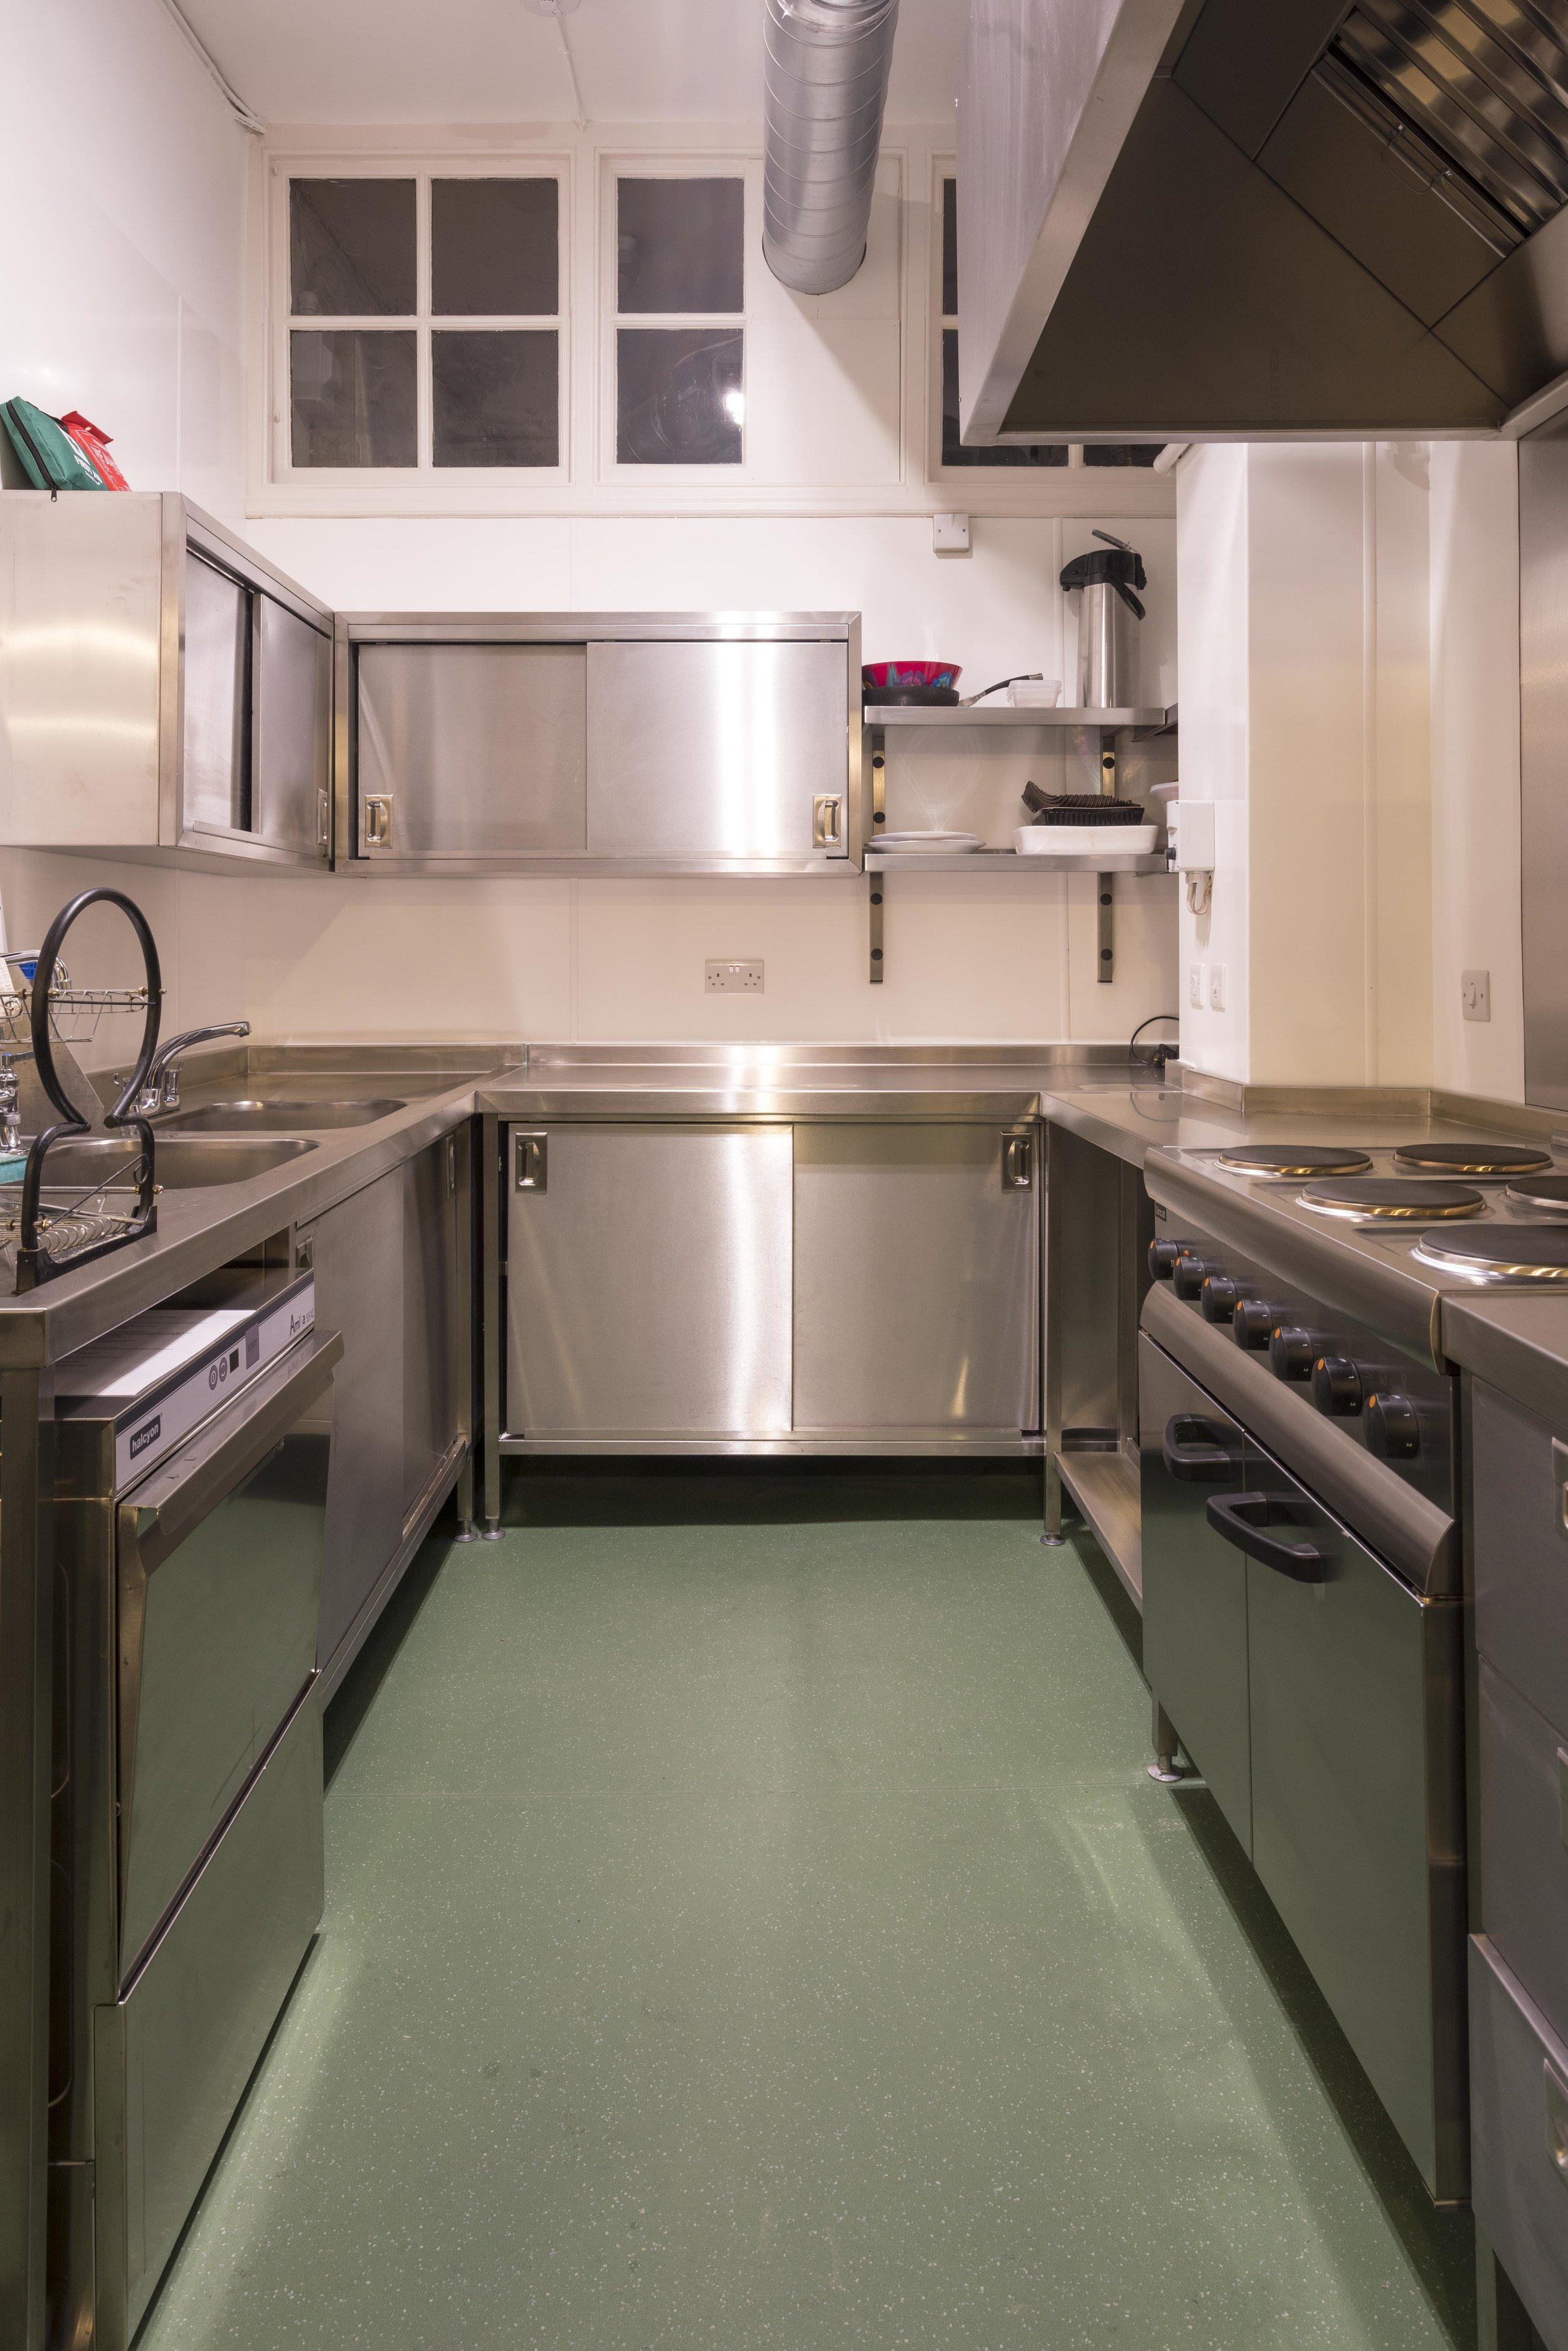 NU Upper St Kitchen (3 of 8).jpg